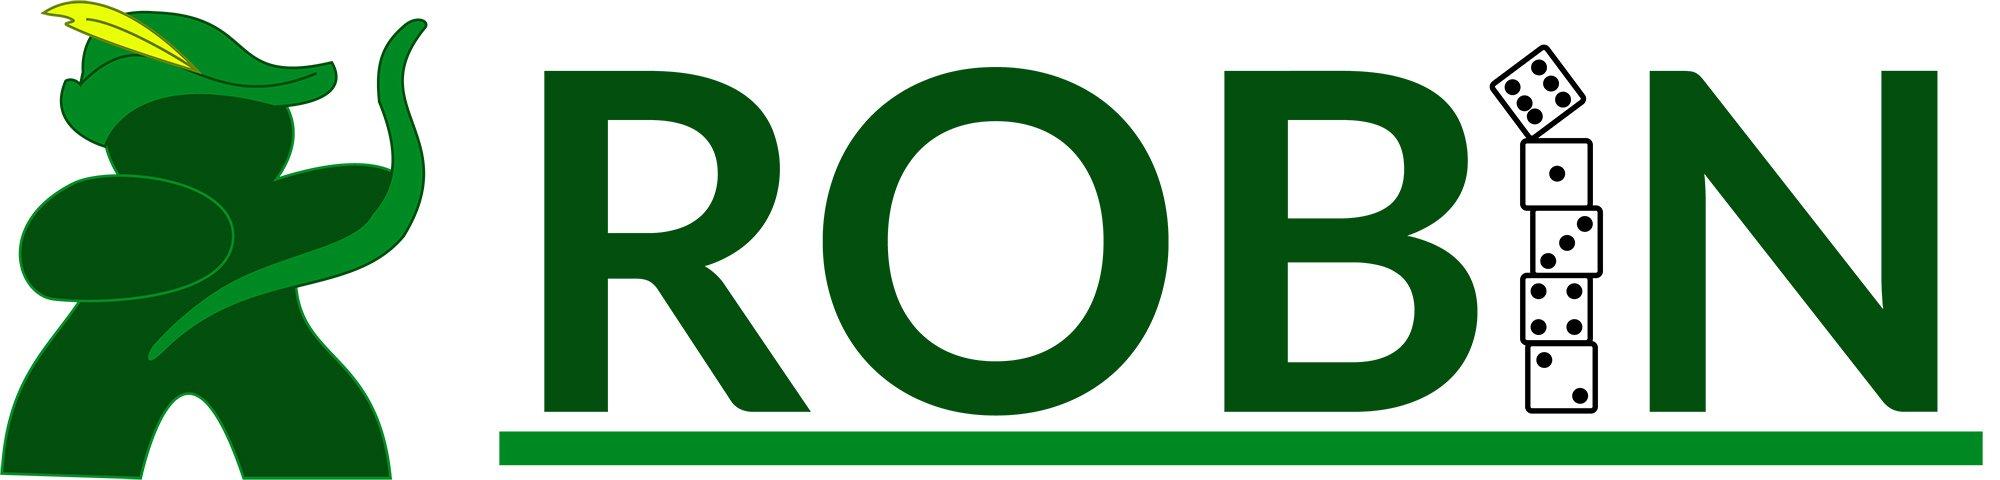 Logo-201810-V1-03